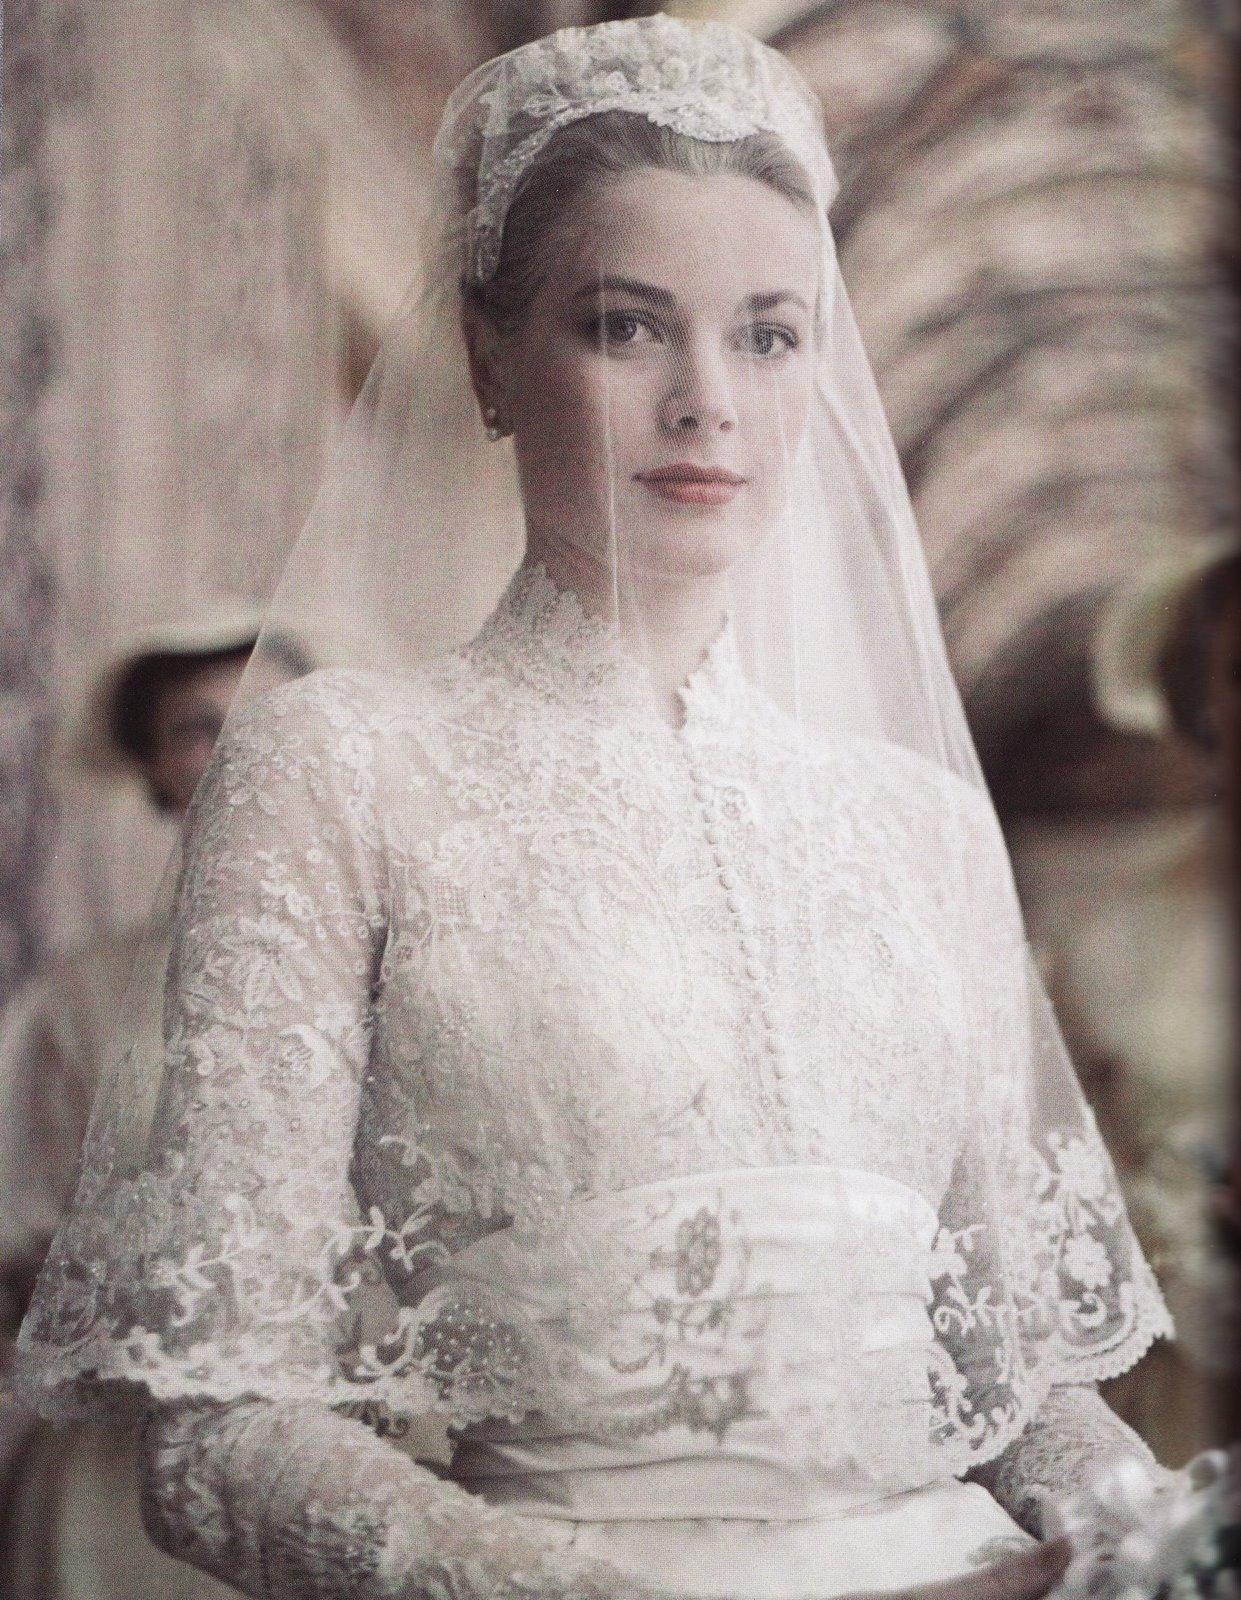 GRACE  1929 - 2009 - Página 2 Grace-kelly-bride-7904401